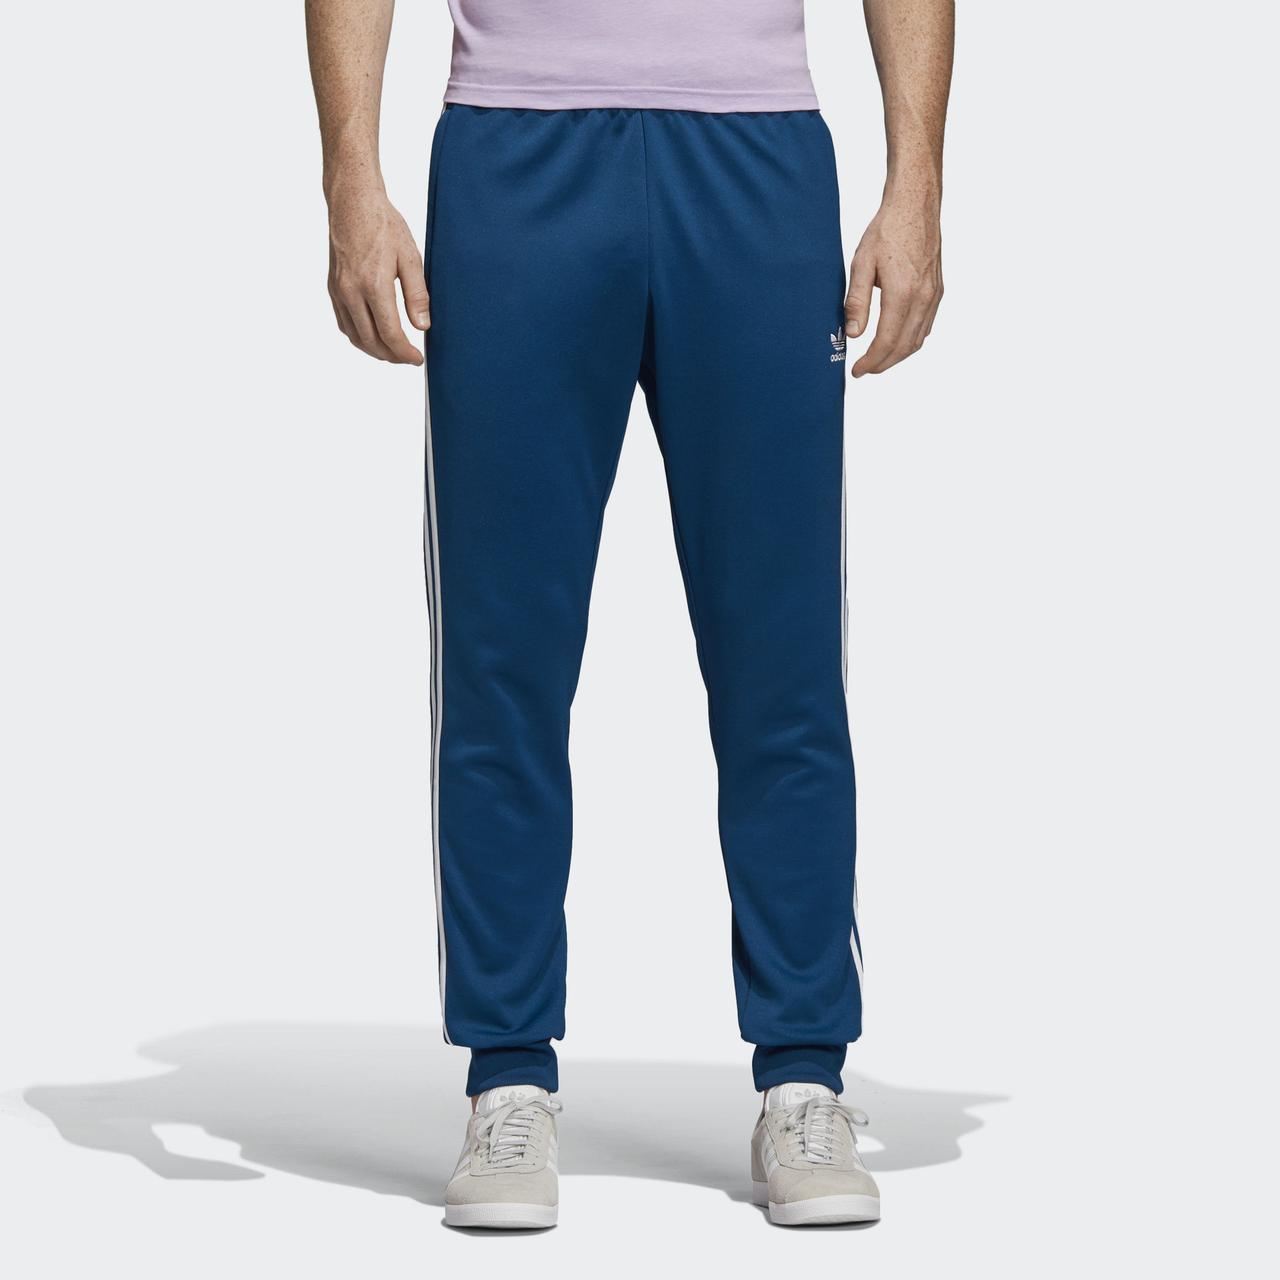 746e5d76 Спортивные штаны Adidas SST DV1533 - 2019: продажа, цена в Киеве ...